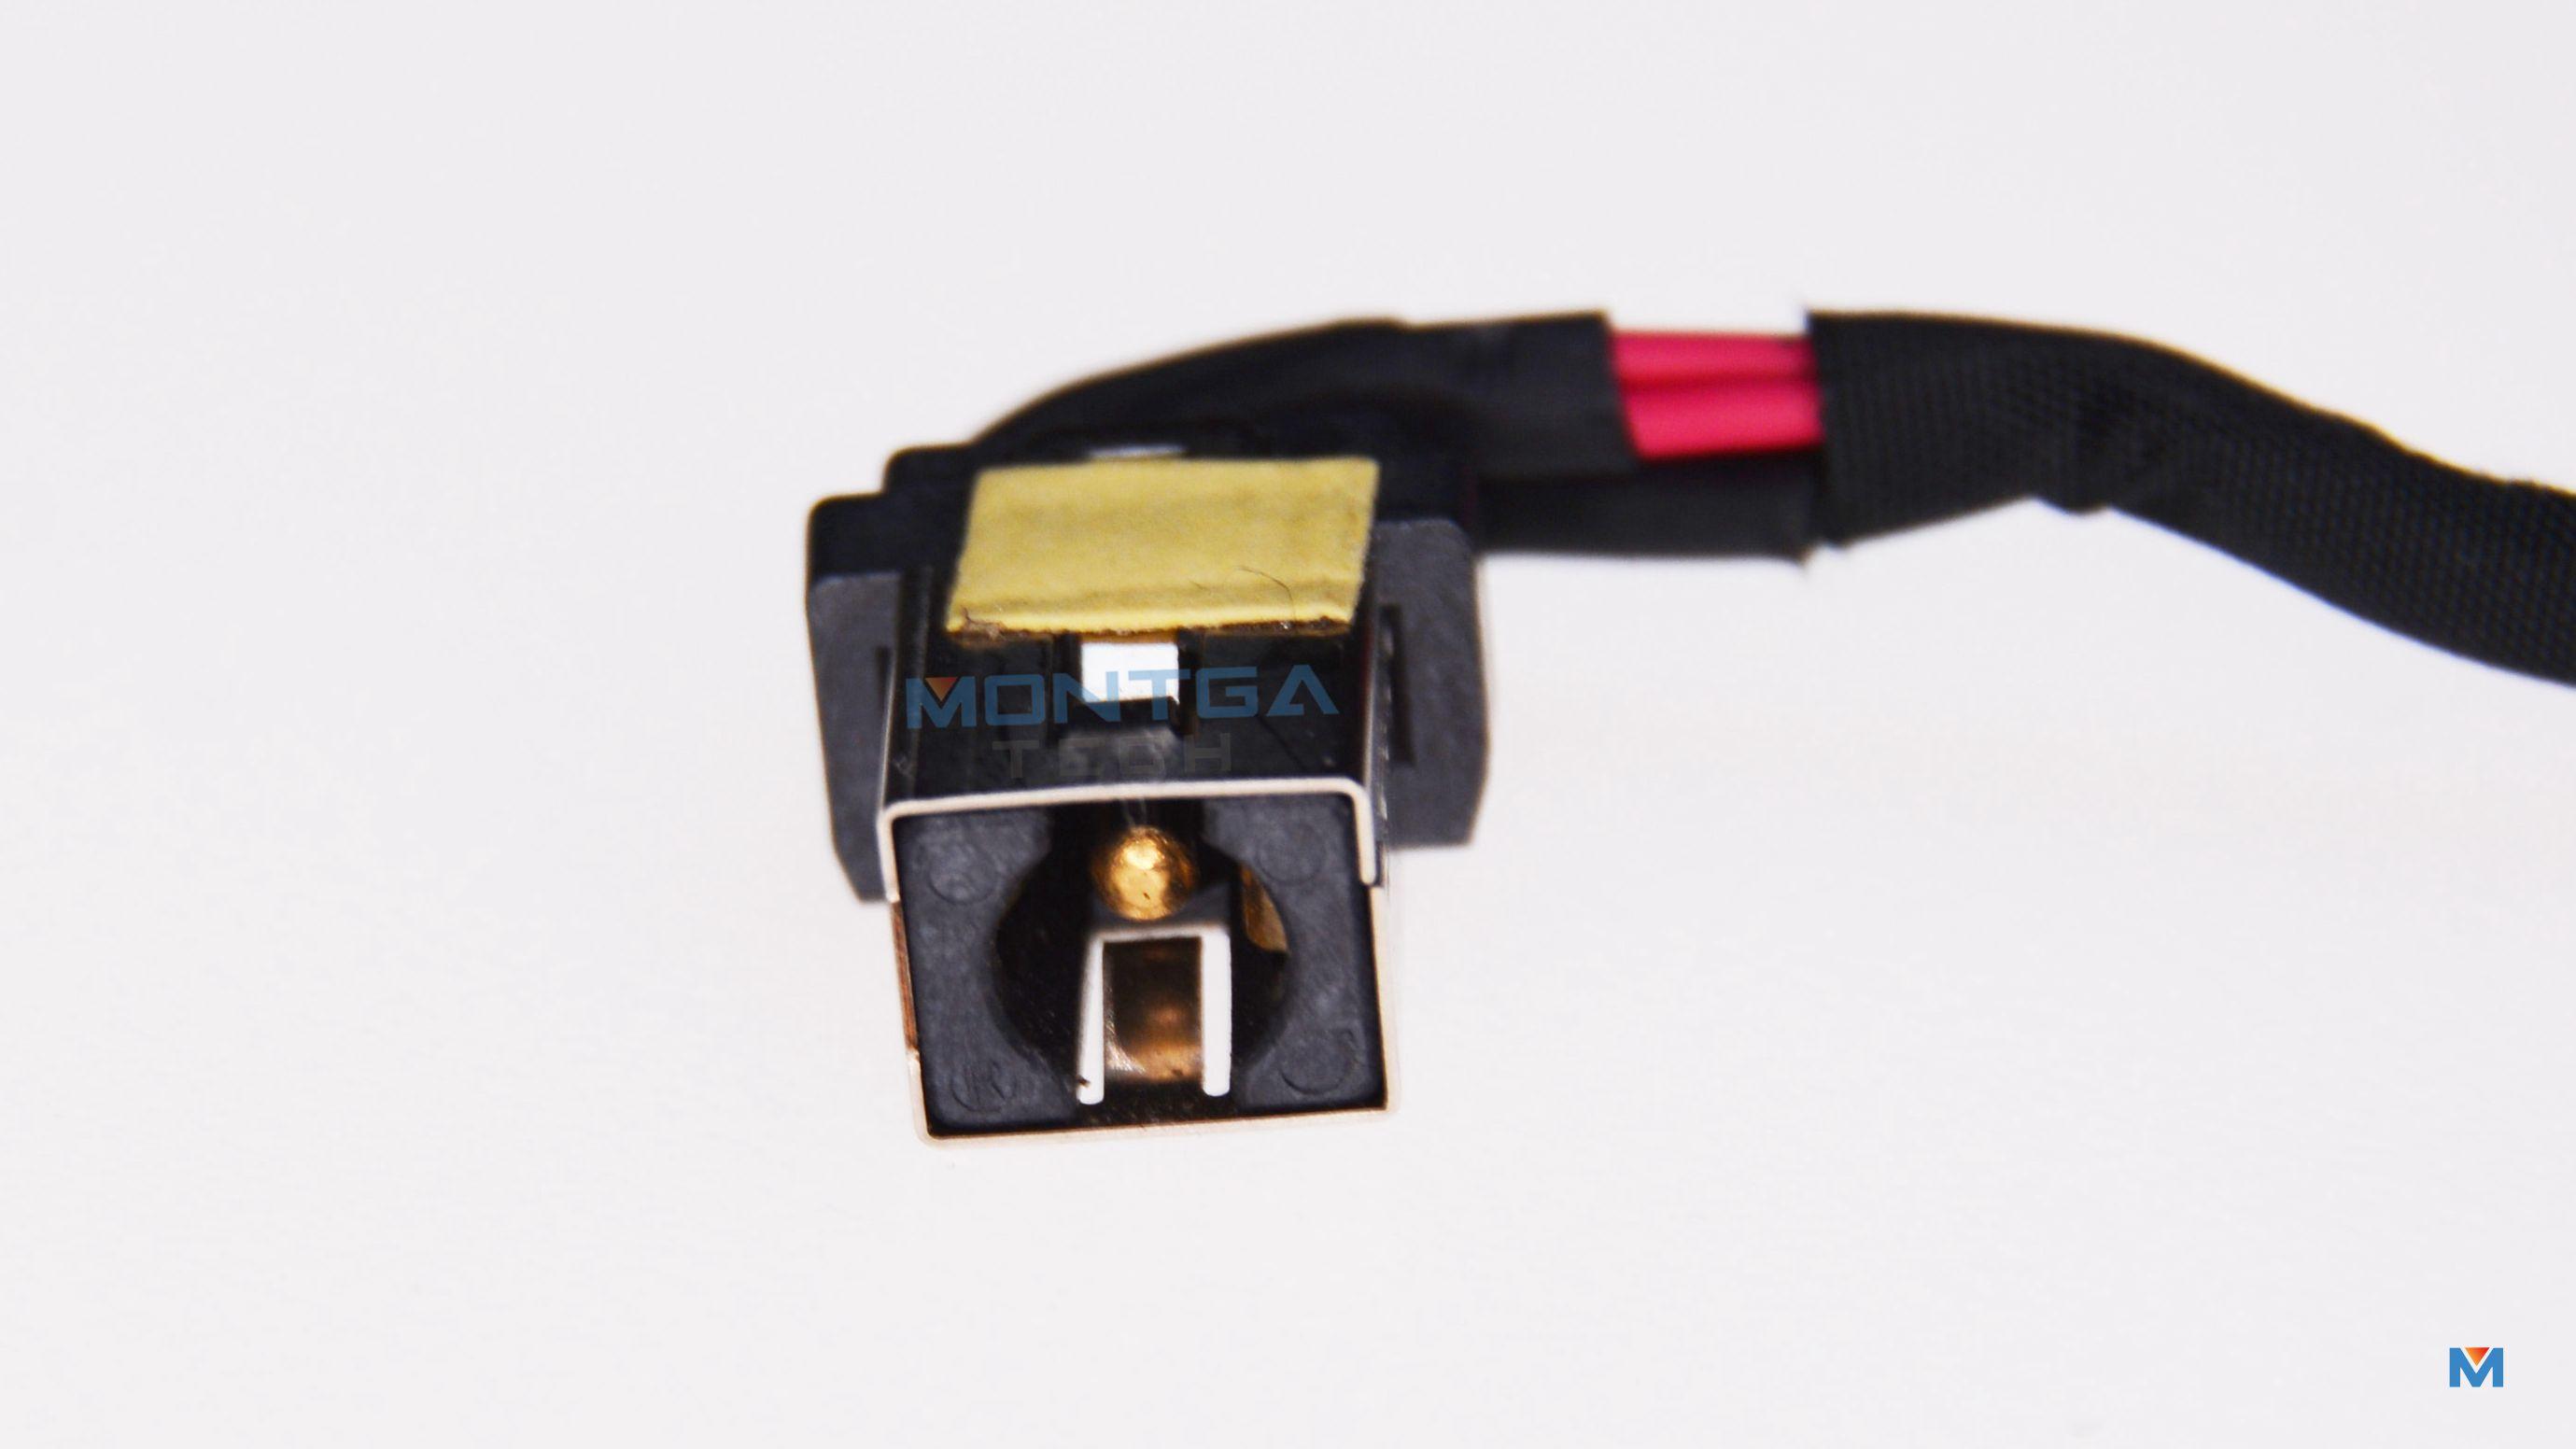 repair charging connector Lenovo 100-14IBY, repair DC Power Jack Lenovo 100-14IBY, repair DC IN Cable Lenovo 100-14IBY, repair Jack socket Lenovo 100-14IBY, repair plug Lenovo 100-14IBY, repair DC Alimantation Lenovo 100-14IBY, replace charging connector Lenovo 100-14IBY, replace DC Power Jack Lenovo 100-14IBY, replace DC IN Cable Lenovo 100-14IBY, replace Jack socket Lenovo 100-14IBY, replace plug Lenovo 100-14IBY, replace DC Alimantation Lenovo 100-14IBY,